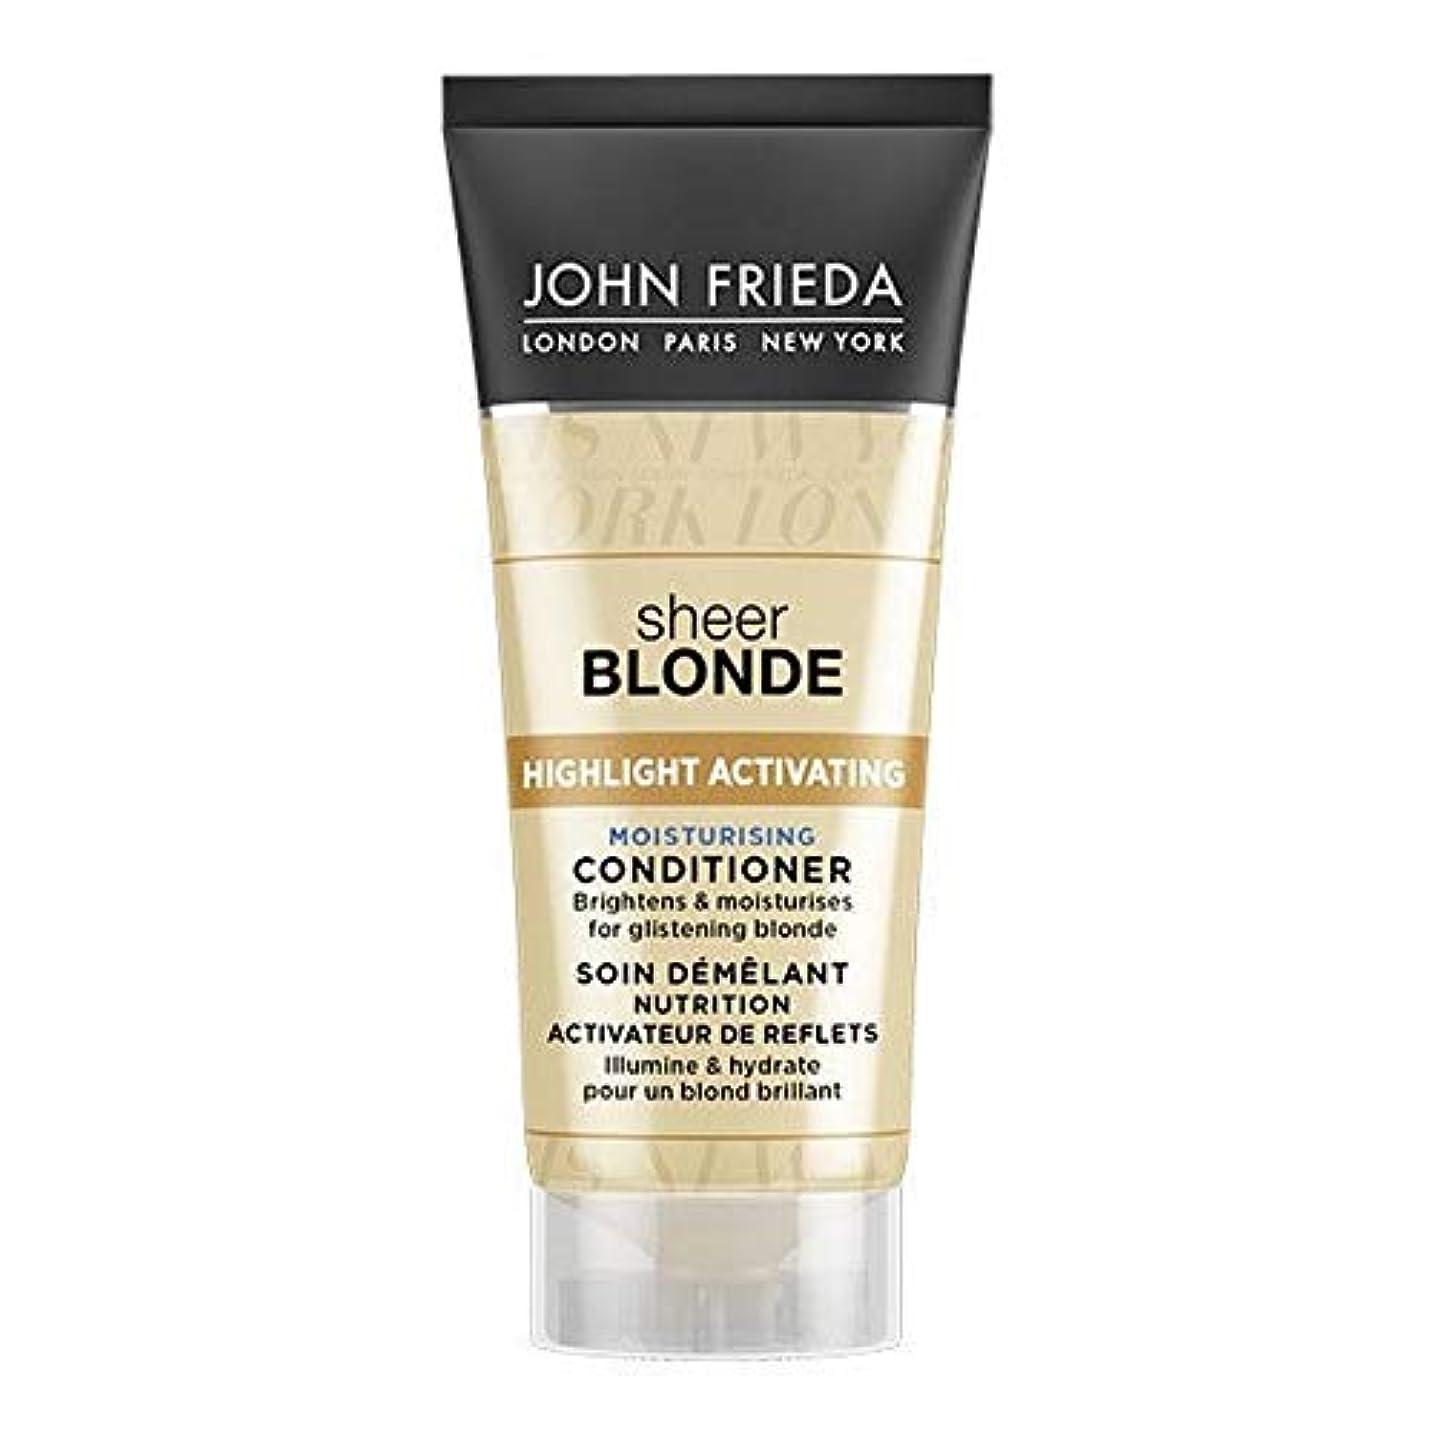 オーケストラ地下鉄留まる[John Frieda ] ジョン?フリーダ膨大なブロンド保湿コンディショナー50ミリリットル - John Frieda Sheer Blonde Moisturising Conditioner 50ml [並行輸入品]